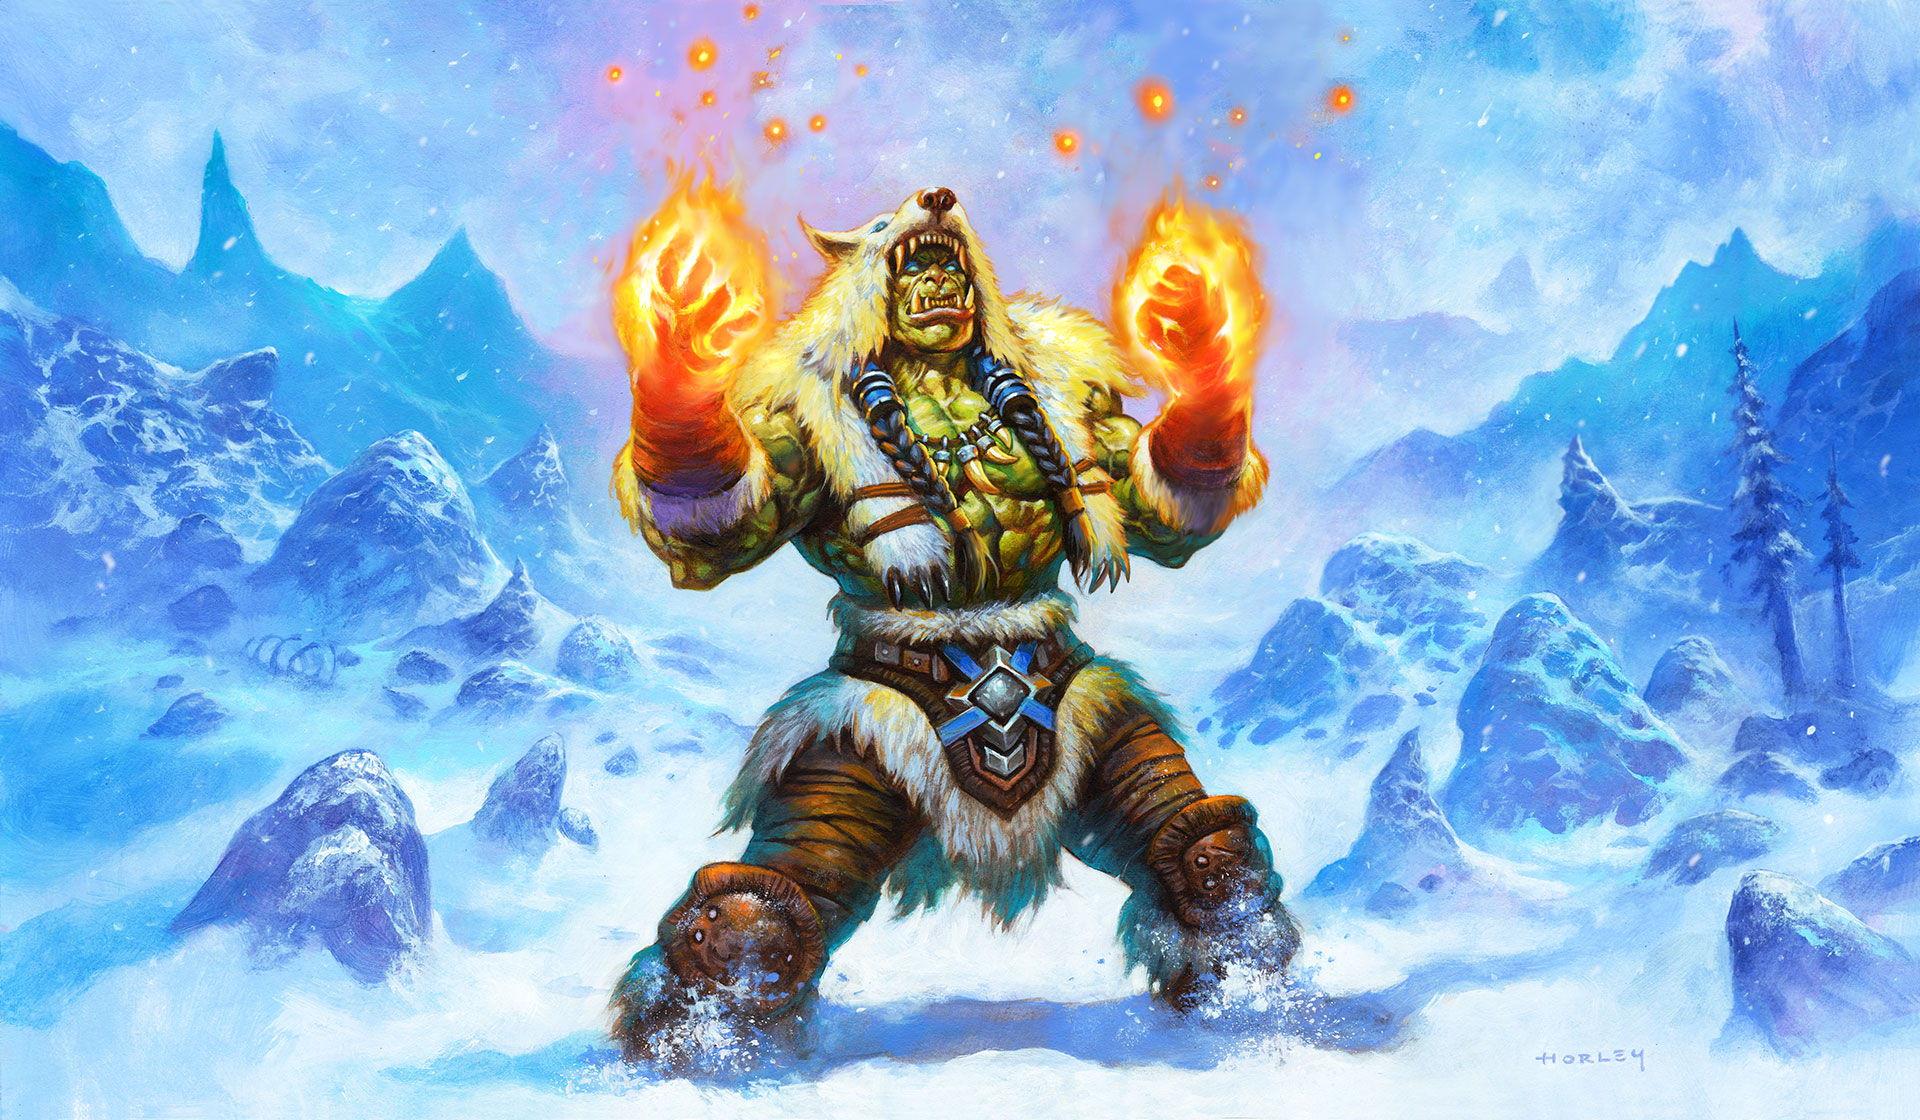 Thrall est un héros orc bien connus des fans de l'univers de Warcraft.